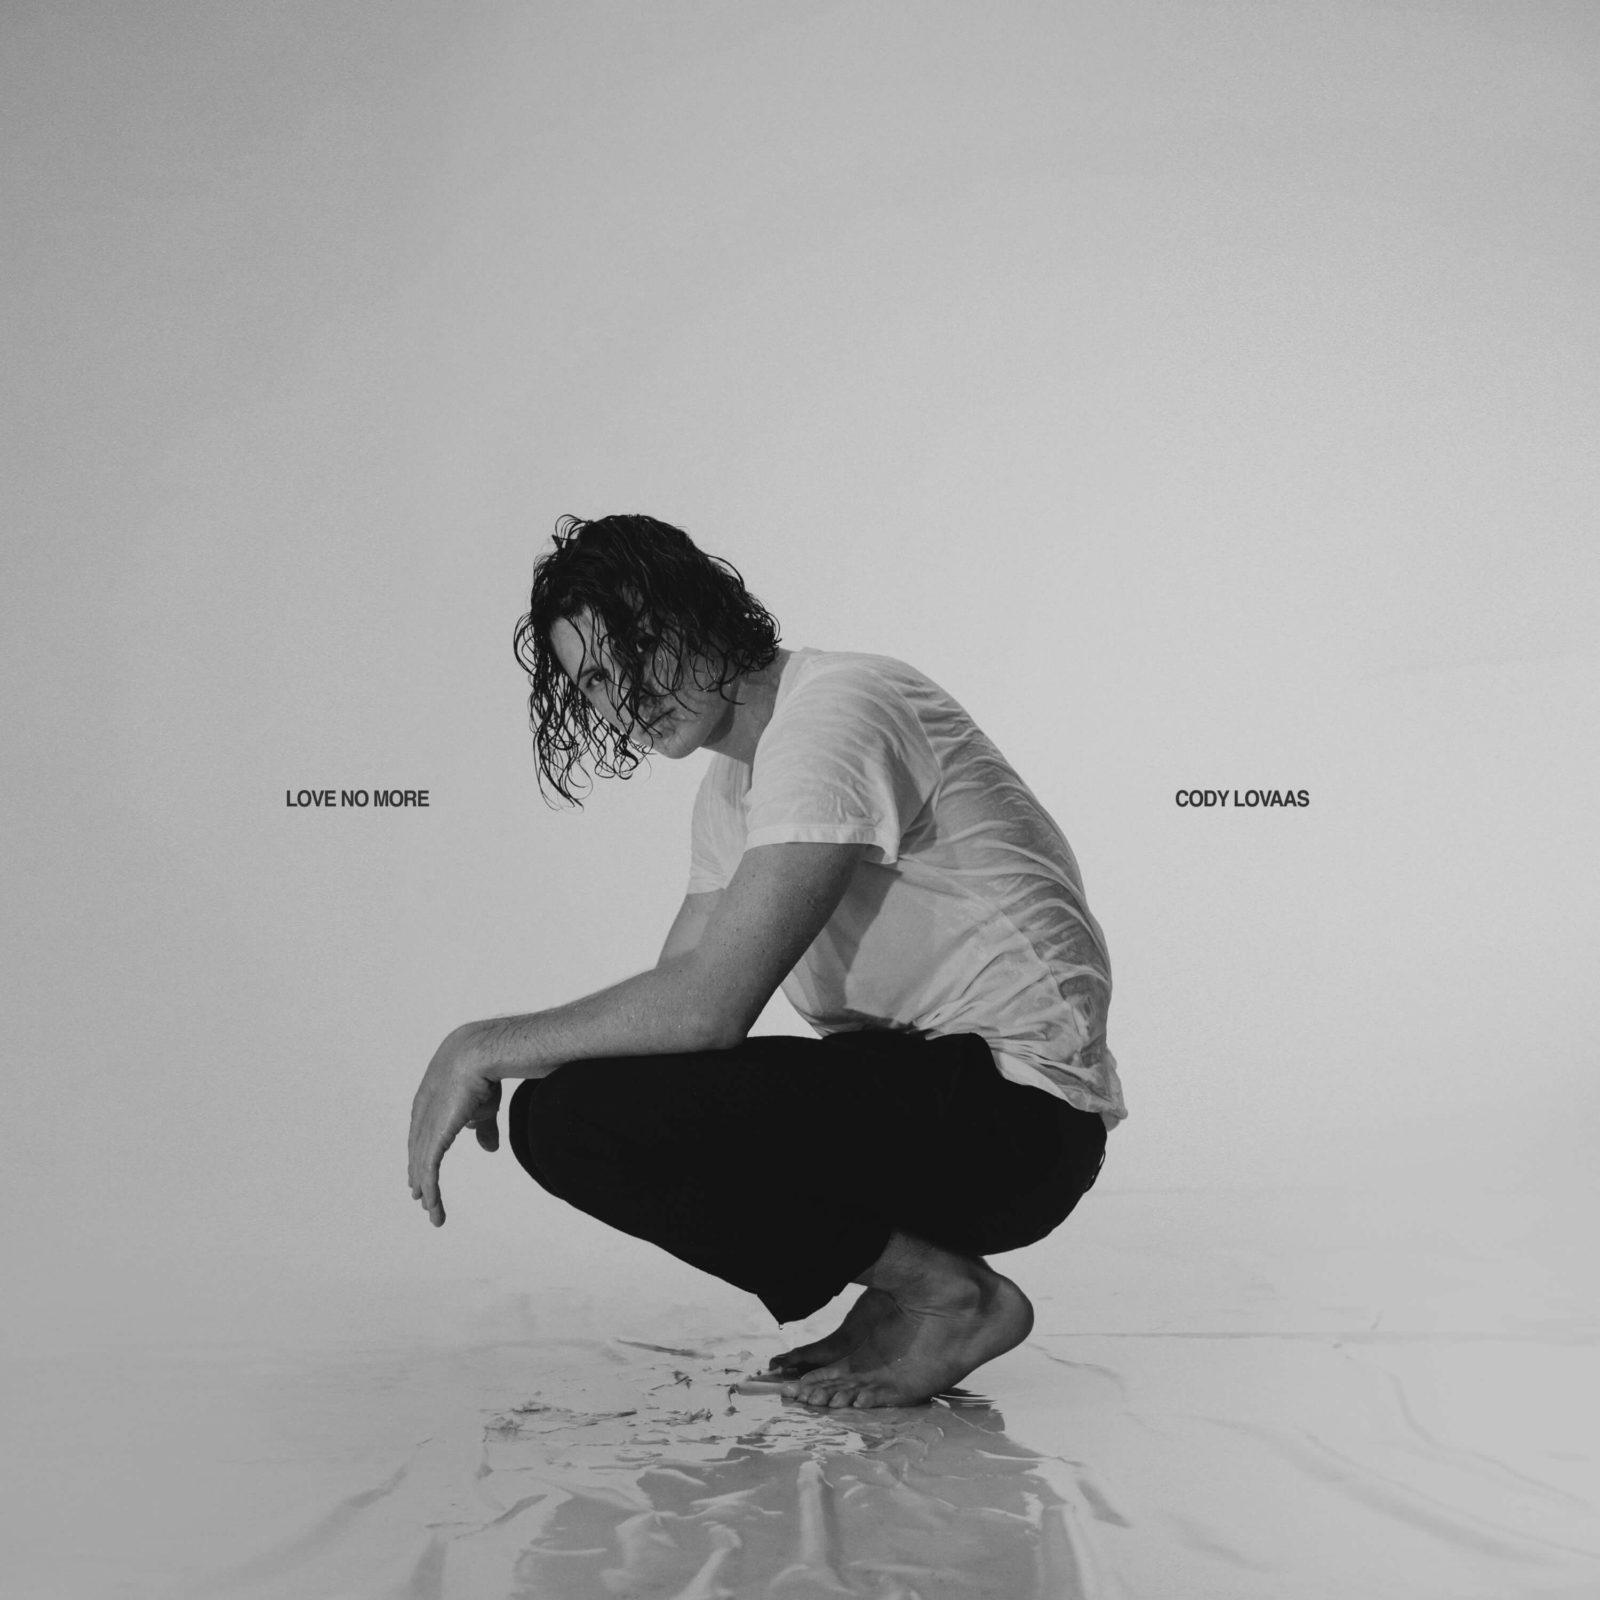 Jason Mrazにより見出されたカリフォルニア発、若きシンガーソングライターCody Lovaasが遂に日本デビューサムネイル画像